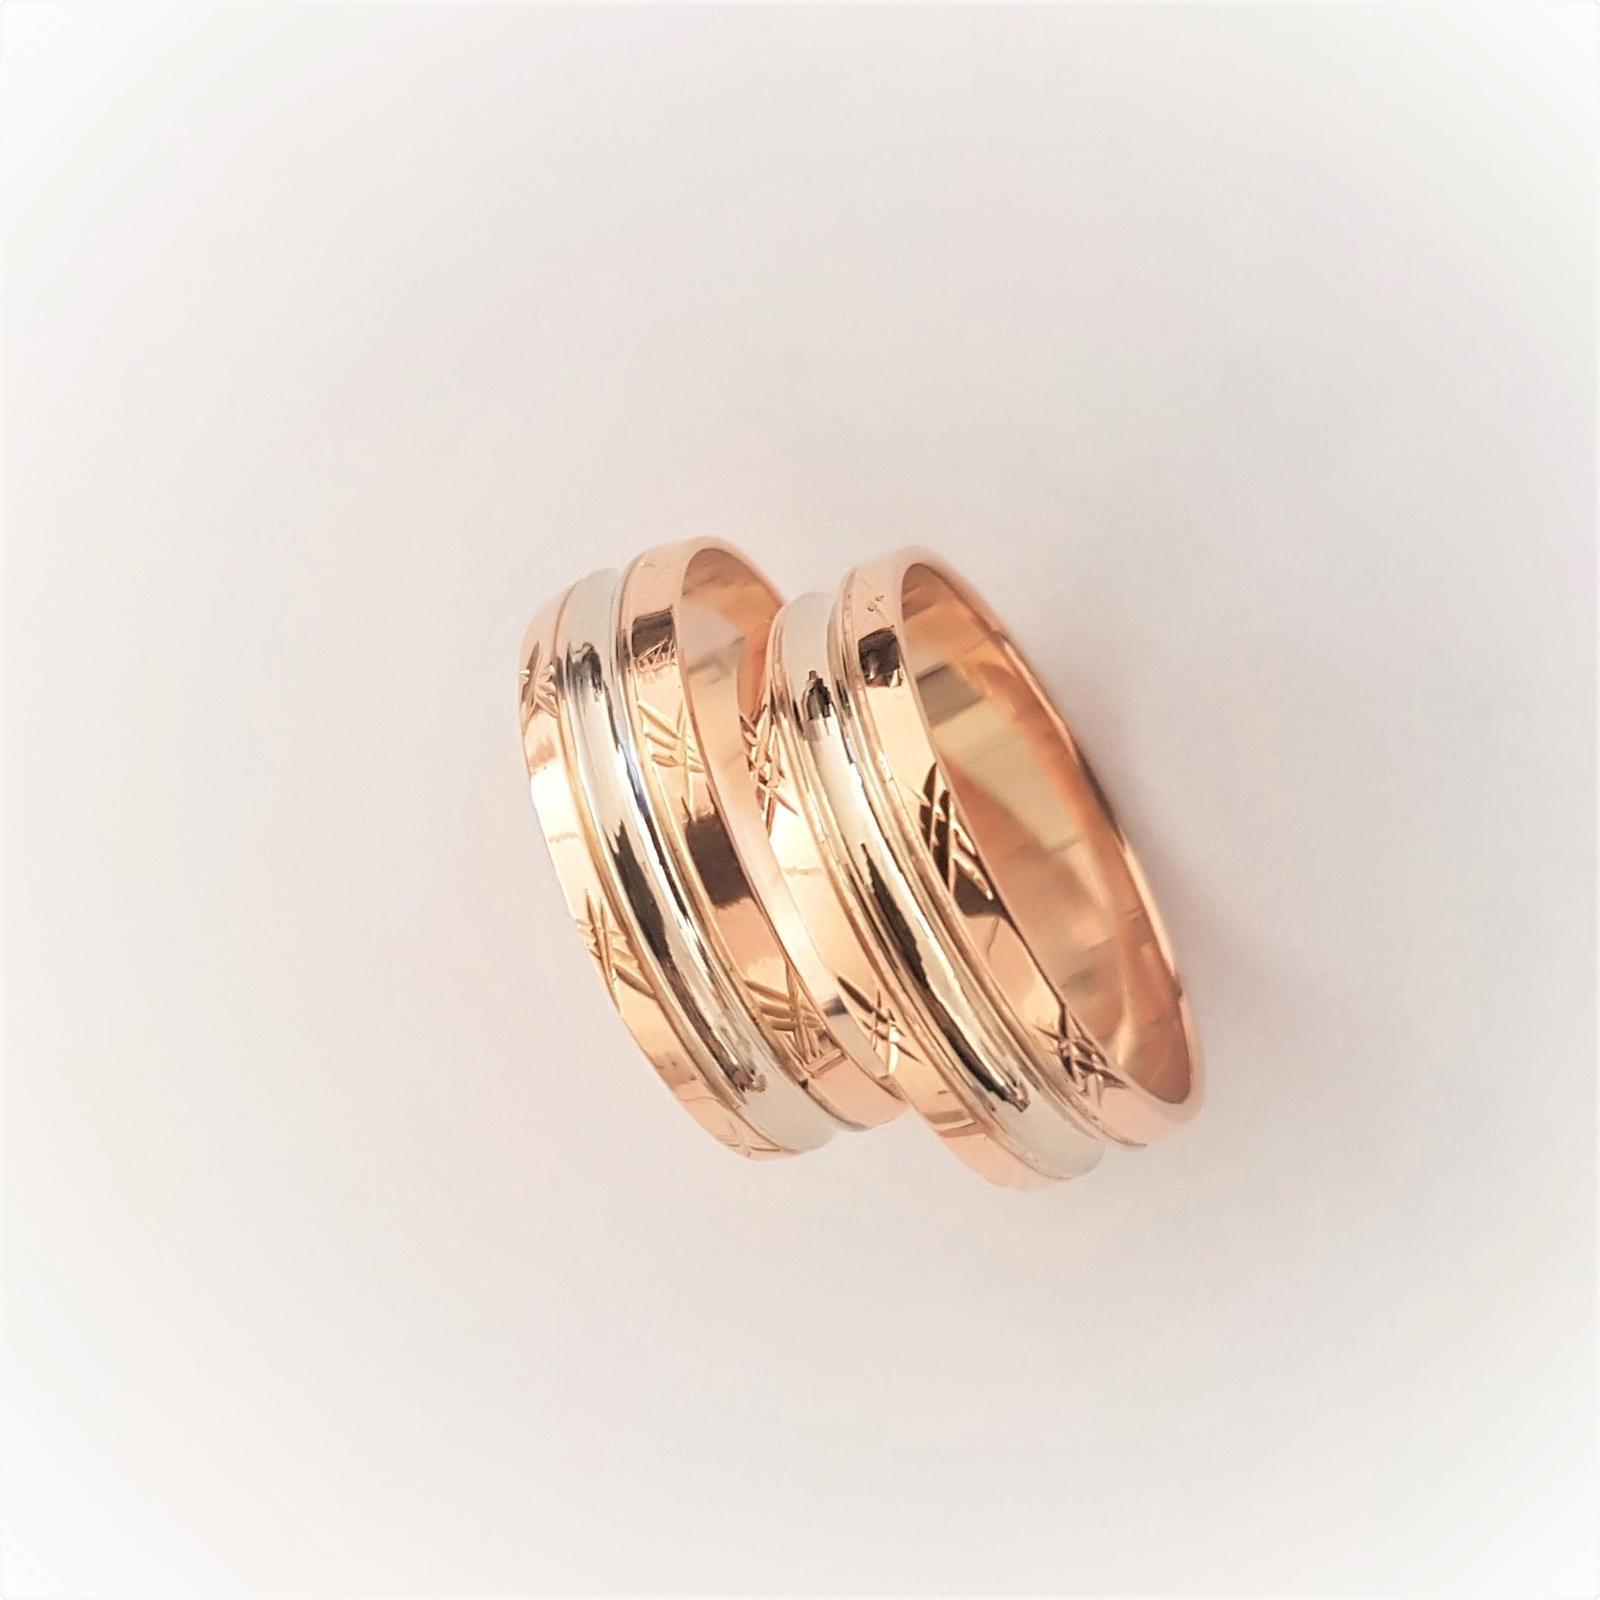 Výroba prstenu podle vzoru starého 50 let :-) - Obrázek č. 2